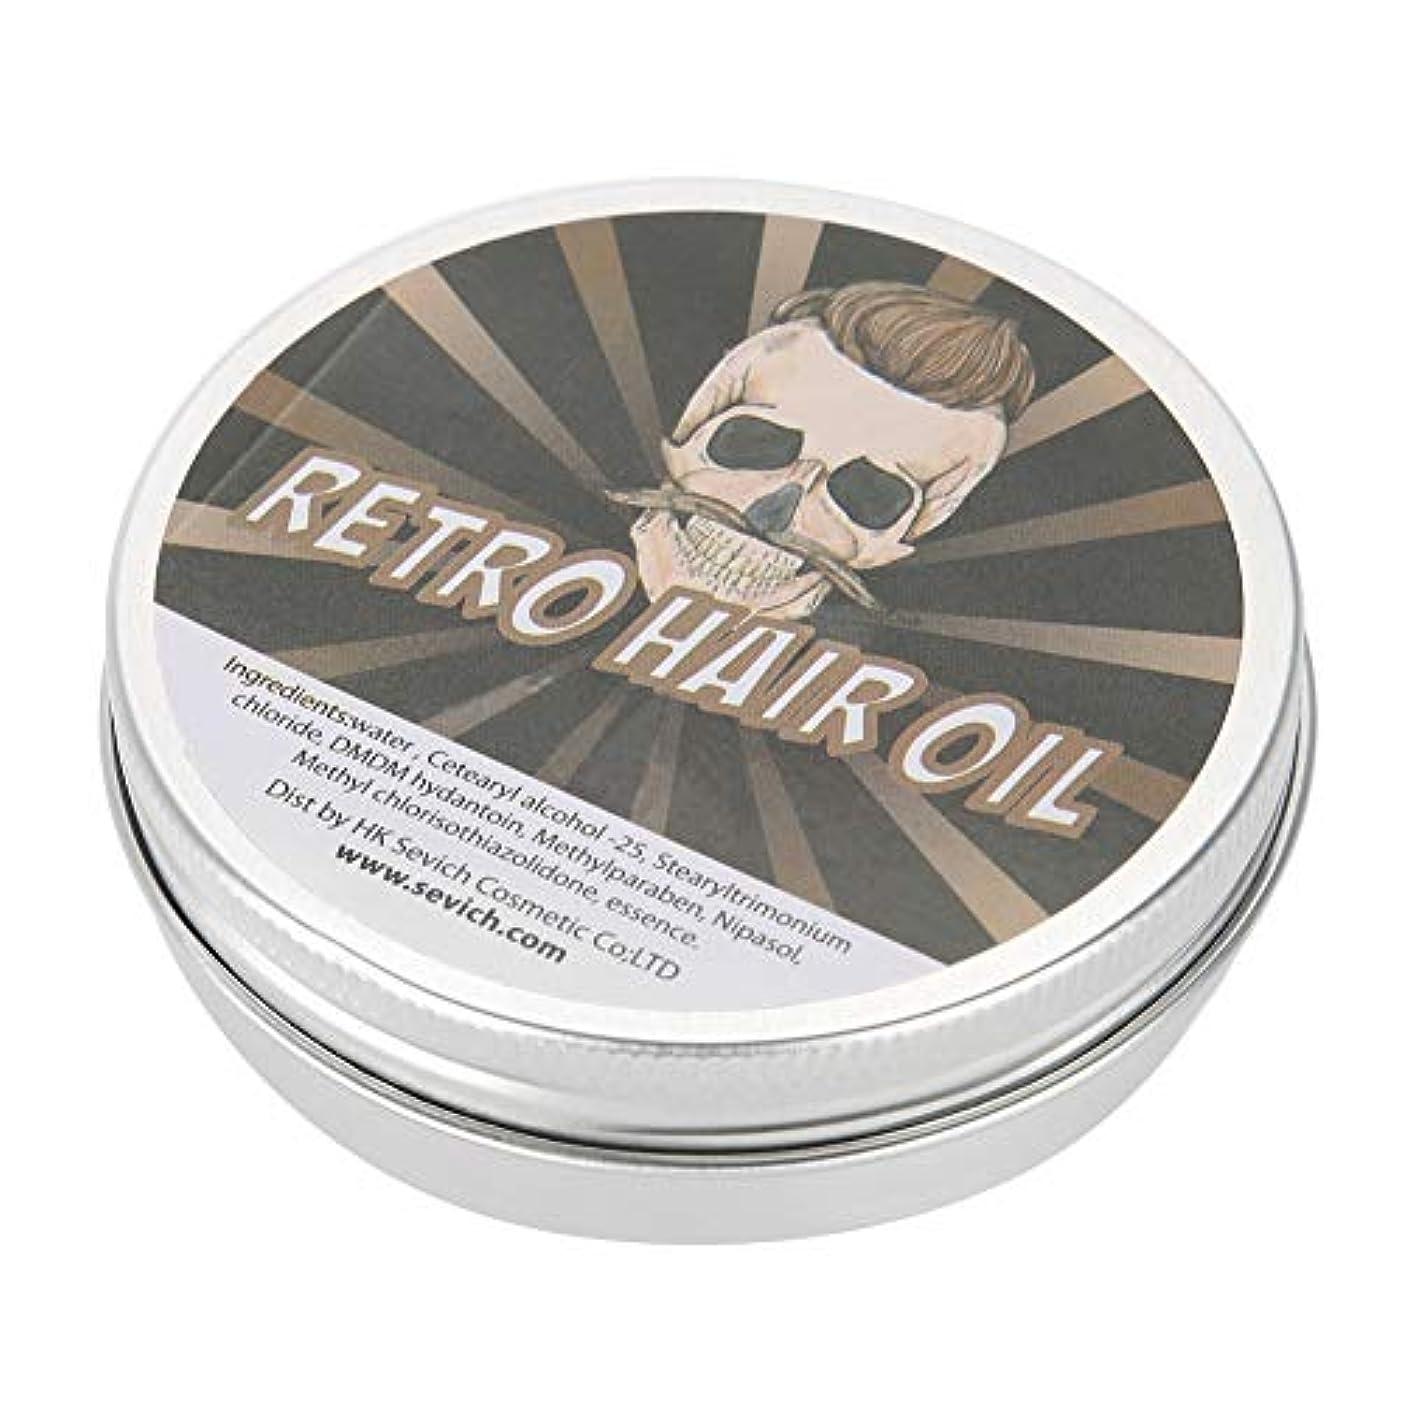 修正悲しむ監査ヘアワックス パーフェクトロング 永続的なヘアワックス 水ベースのヘアスタイリング ポマードヘアモデリングワックス